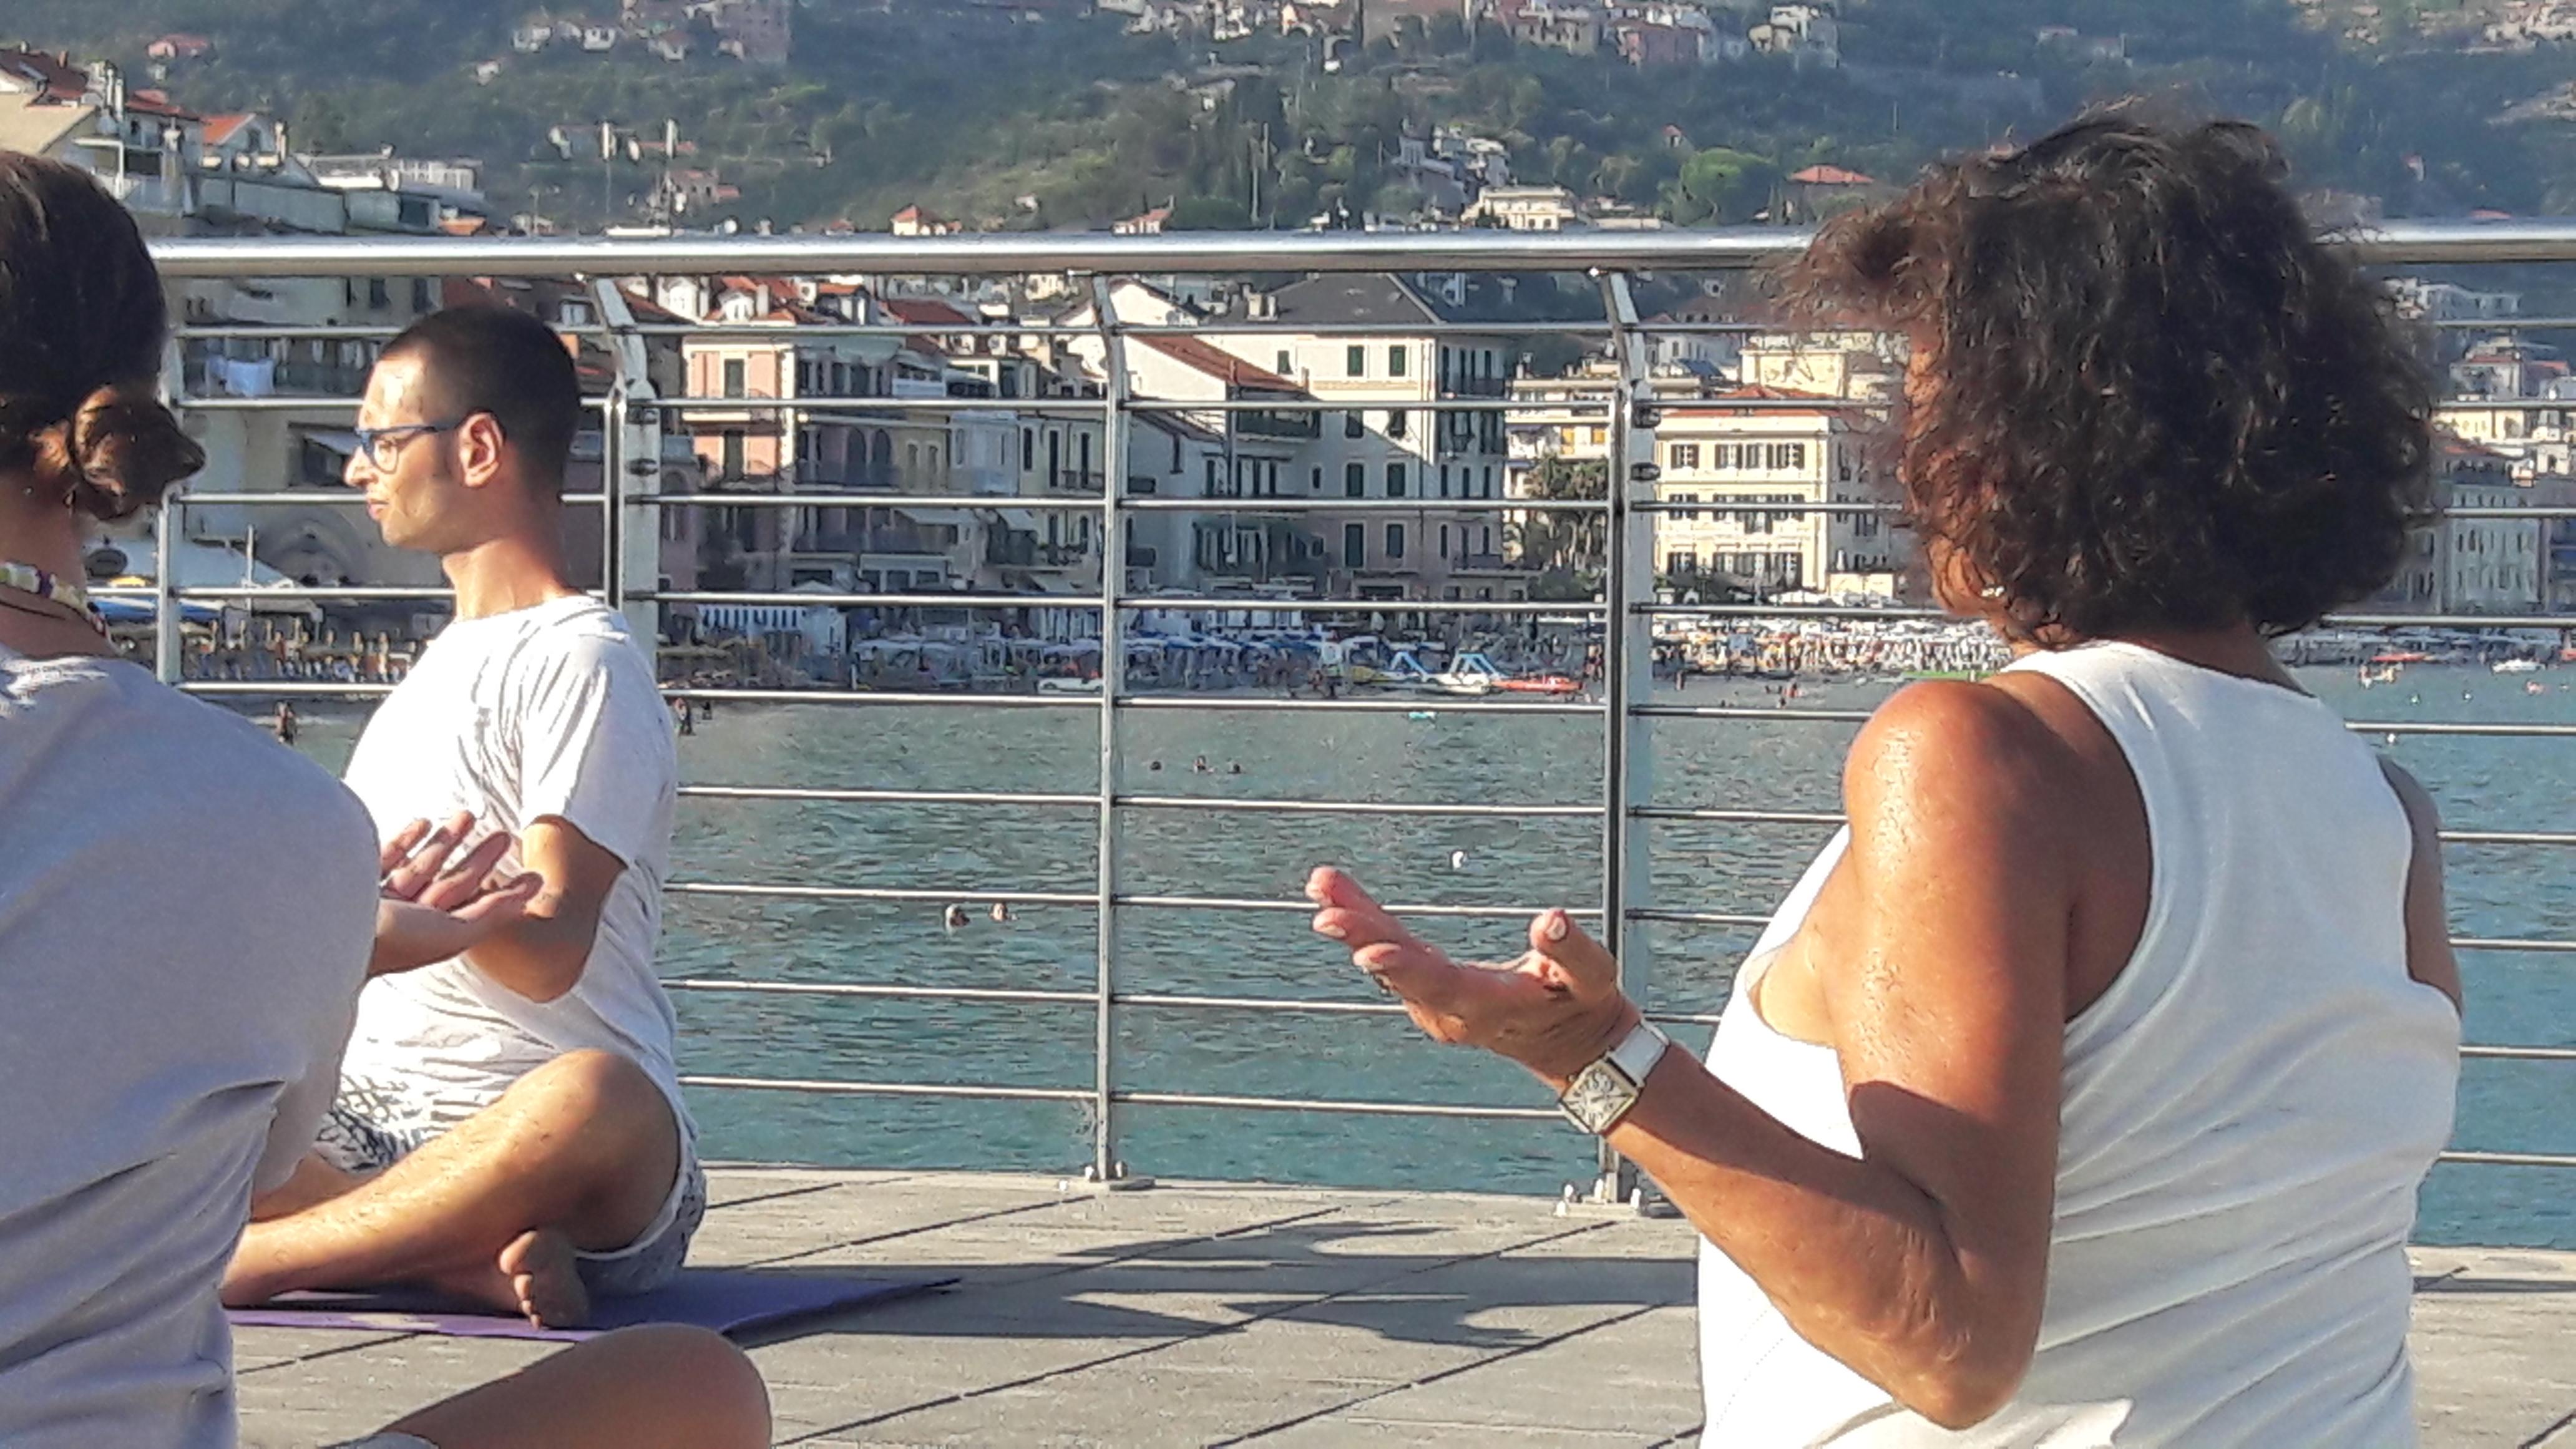 essere-free-yoga-gratuito-benessere-per-tutti-village-citta-alassio-estate-lucia-ragazzi-summer-town-wellness-066